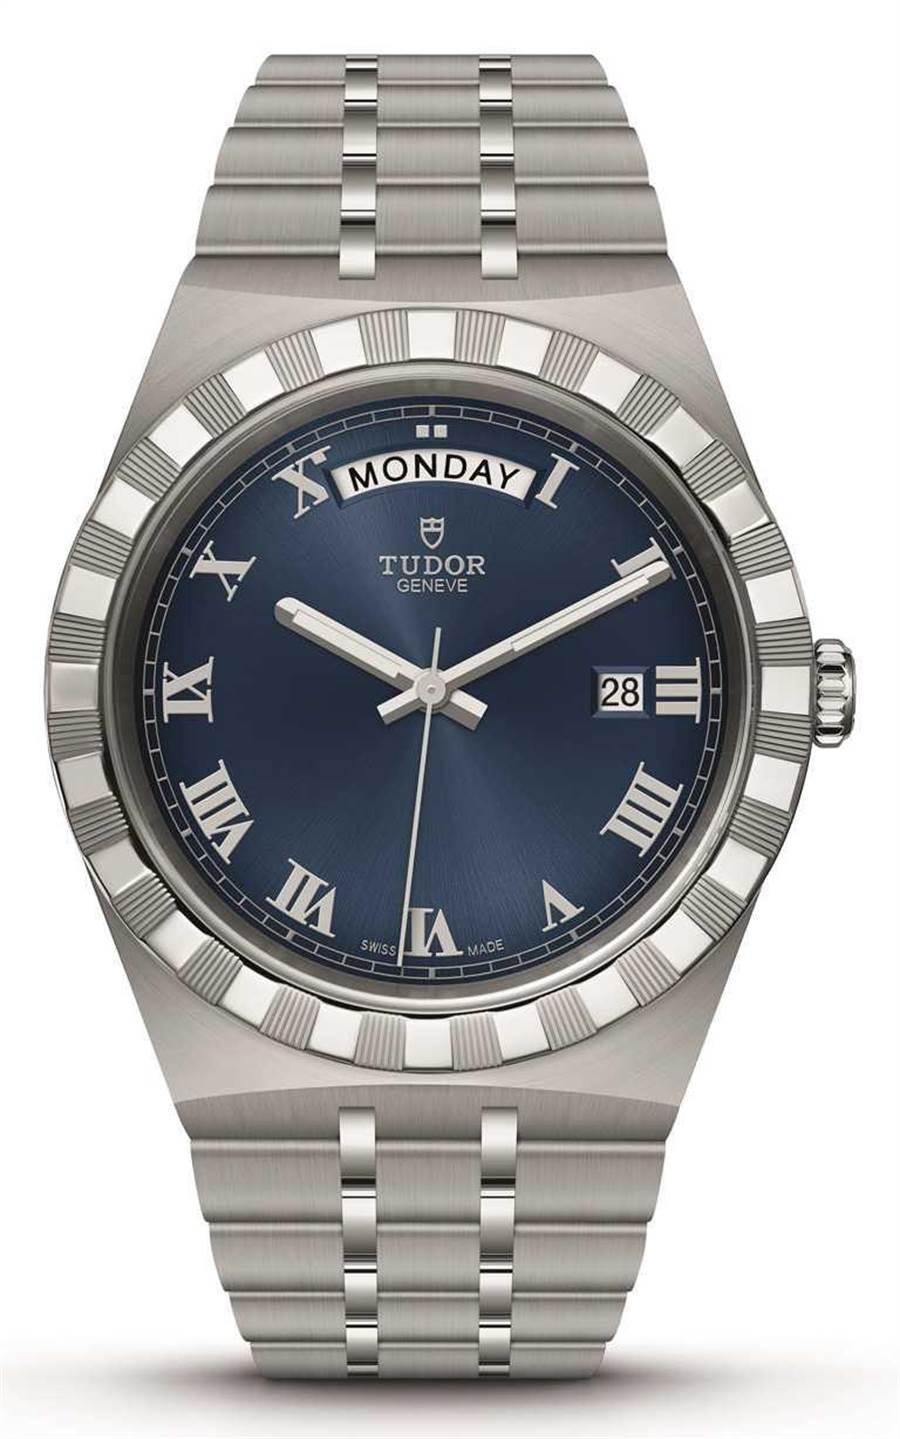 TUDOR「Royal皇家系列」腕表,316L不锈钢表壳,精钢表带,41mm╱73,500元。(图╱TUDOR提供)